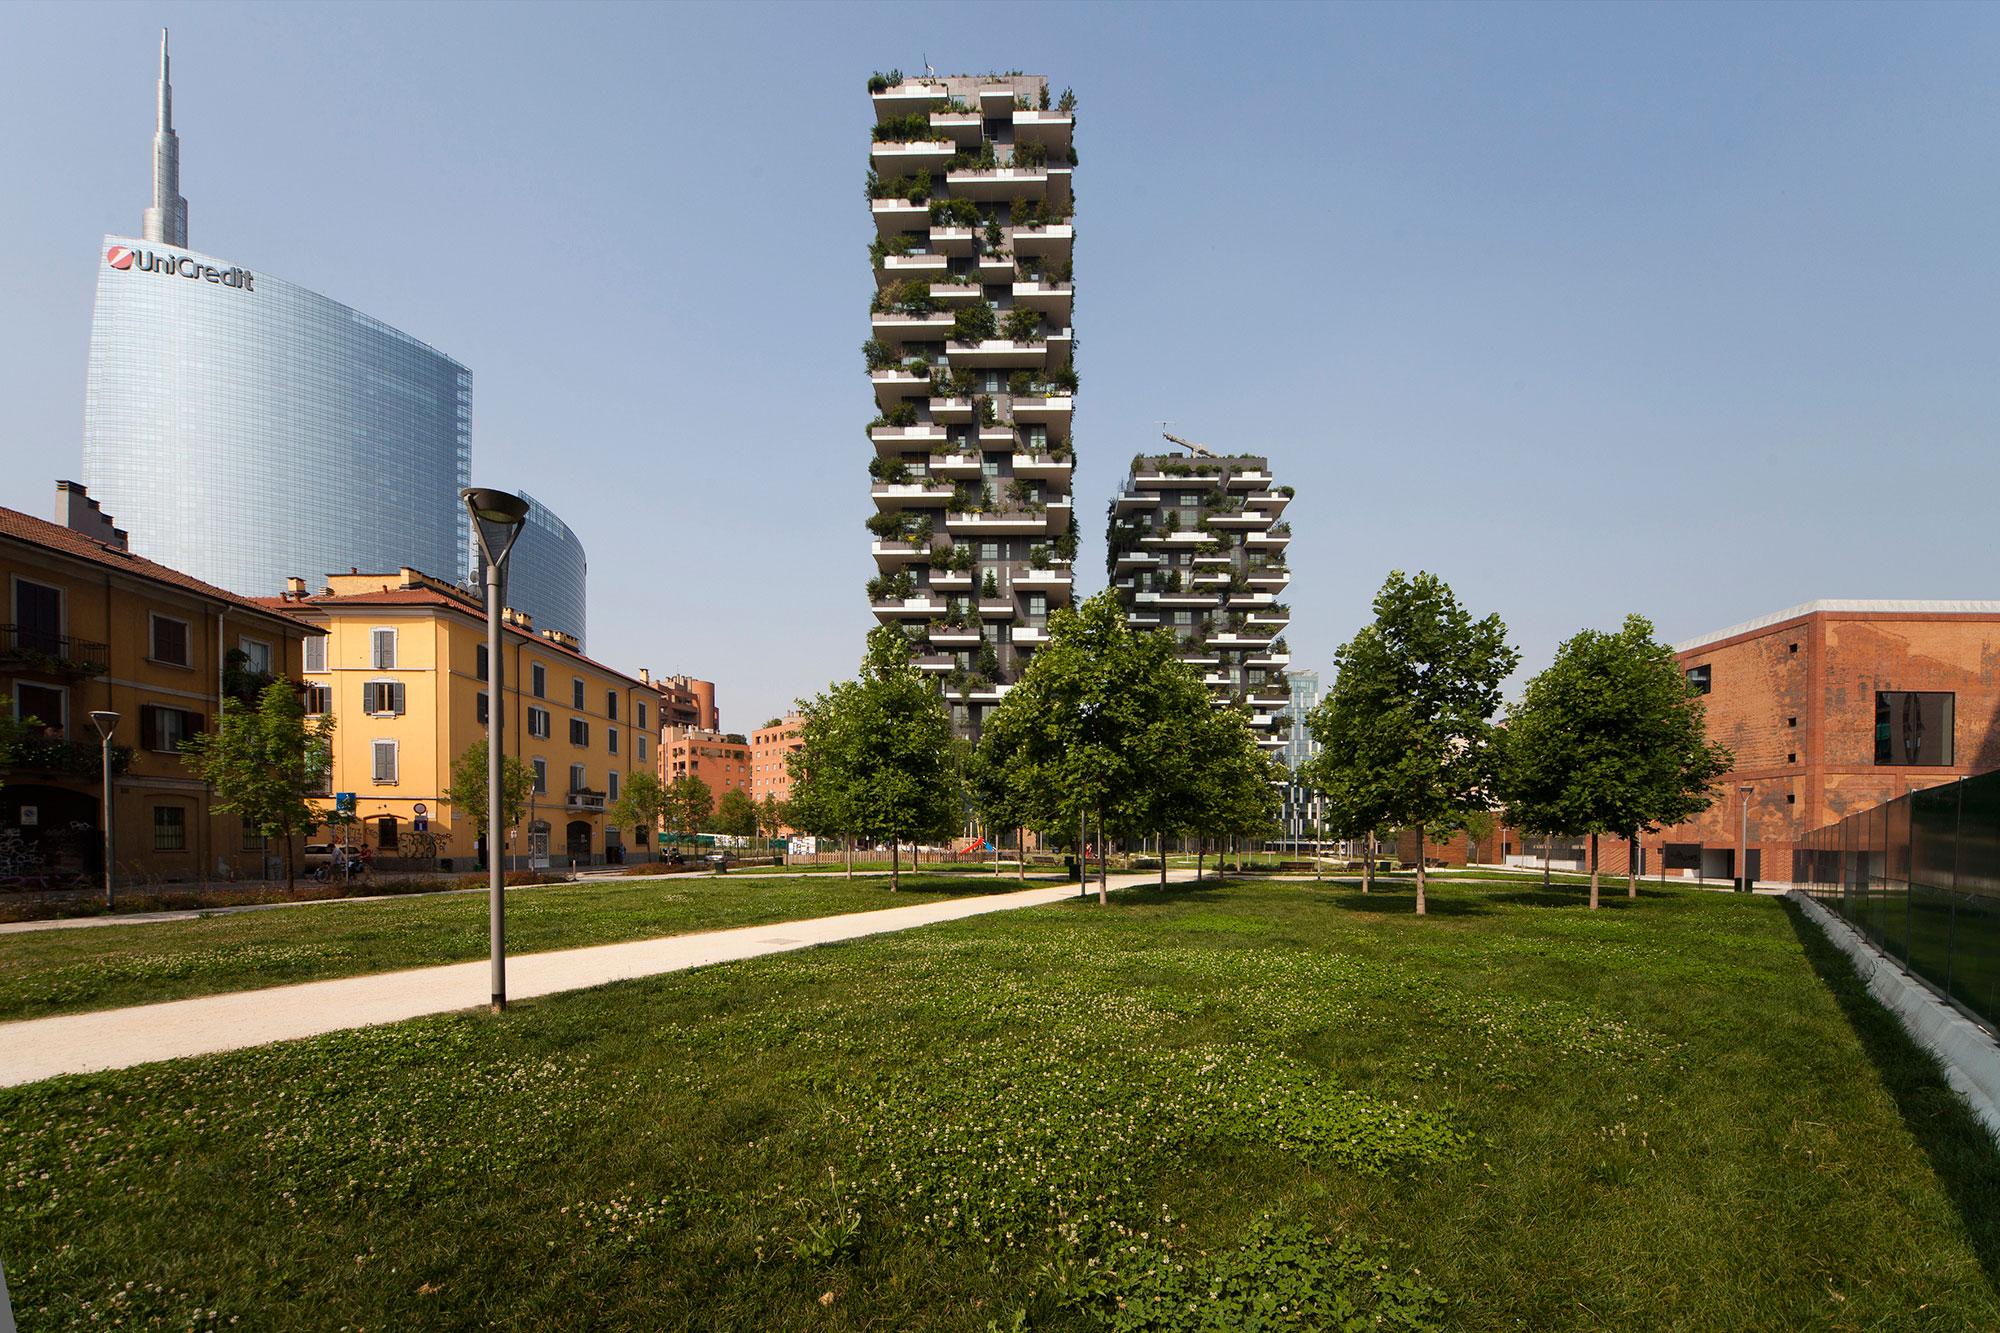 Foto Bosco Verticale Milano bosco verticale milano – colombo costruzioni